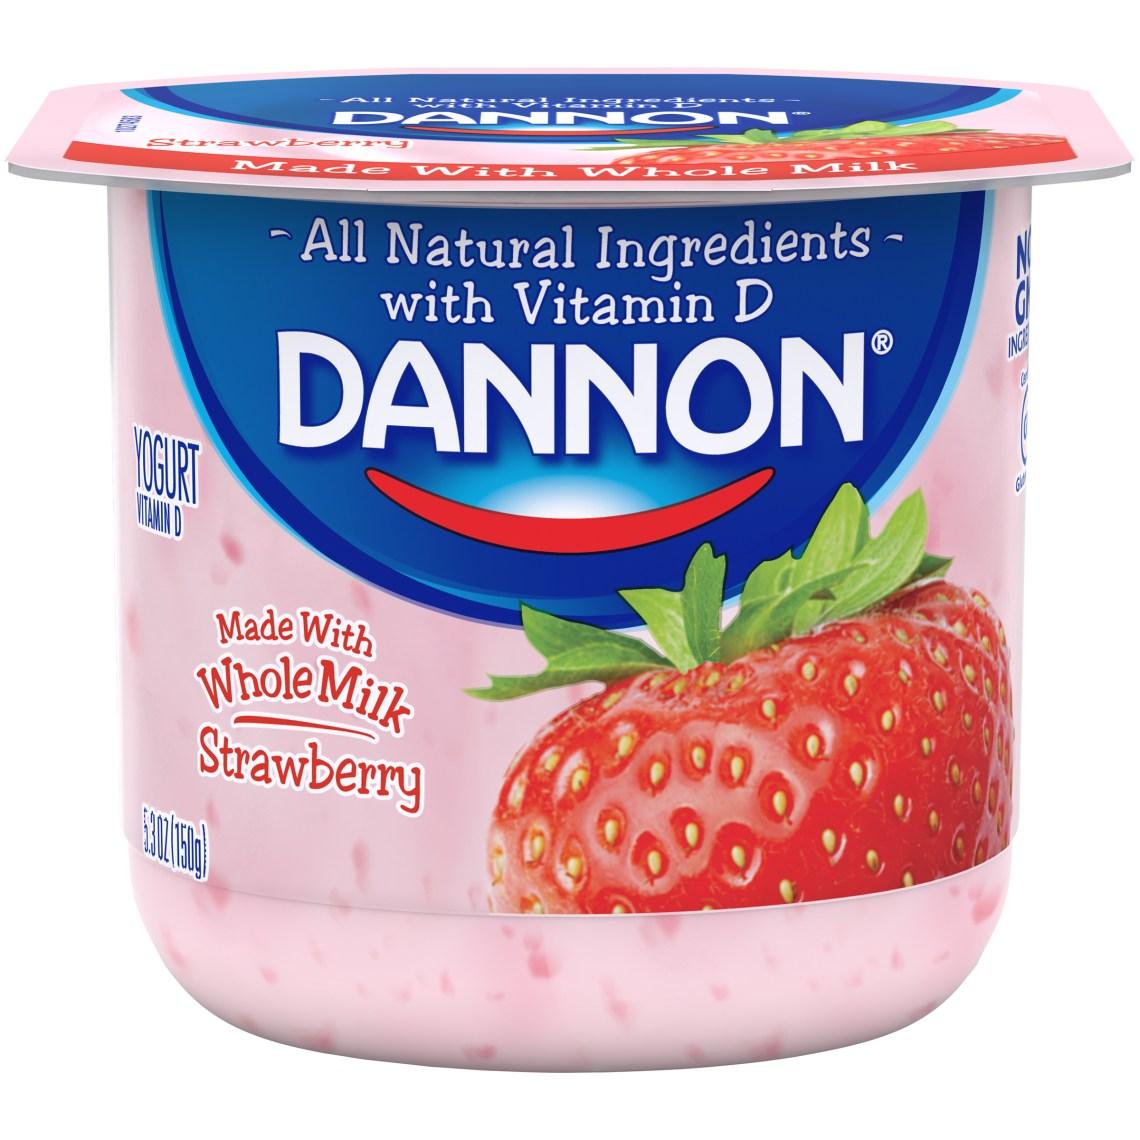 Dannon Whole Milk - Strawberry